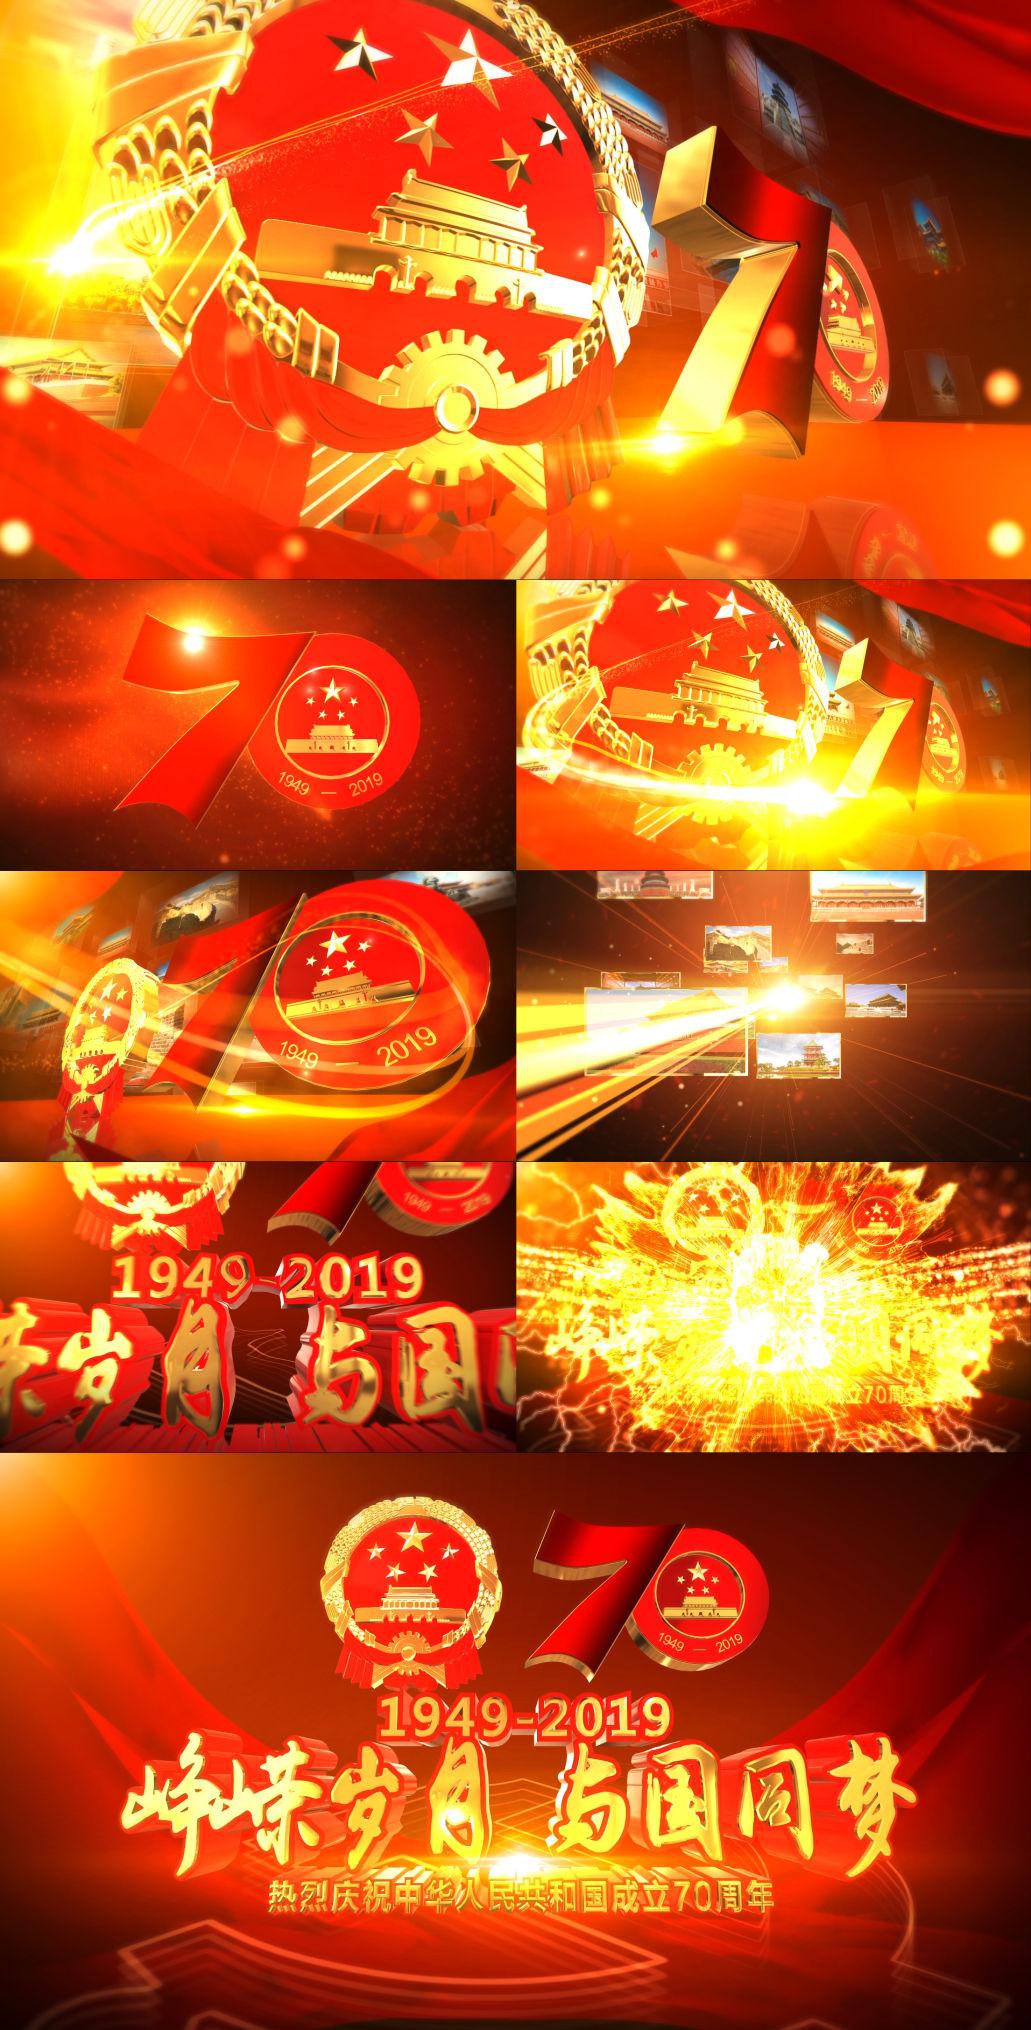 红色震撼建国70周年庆ae模板L-002